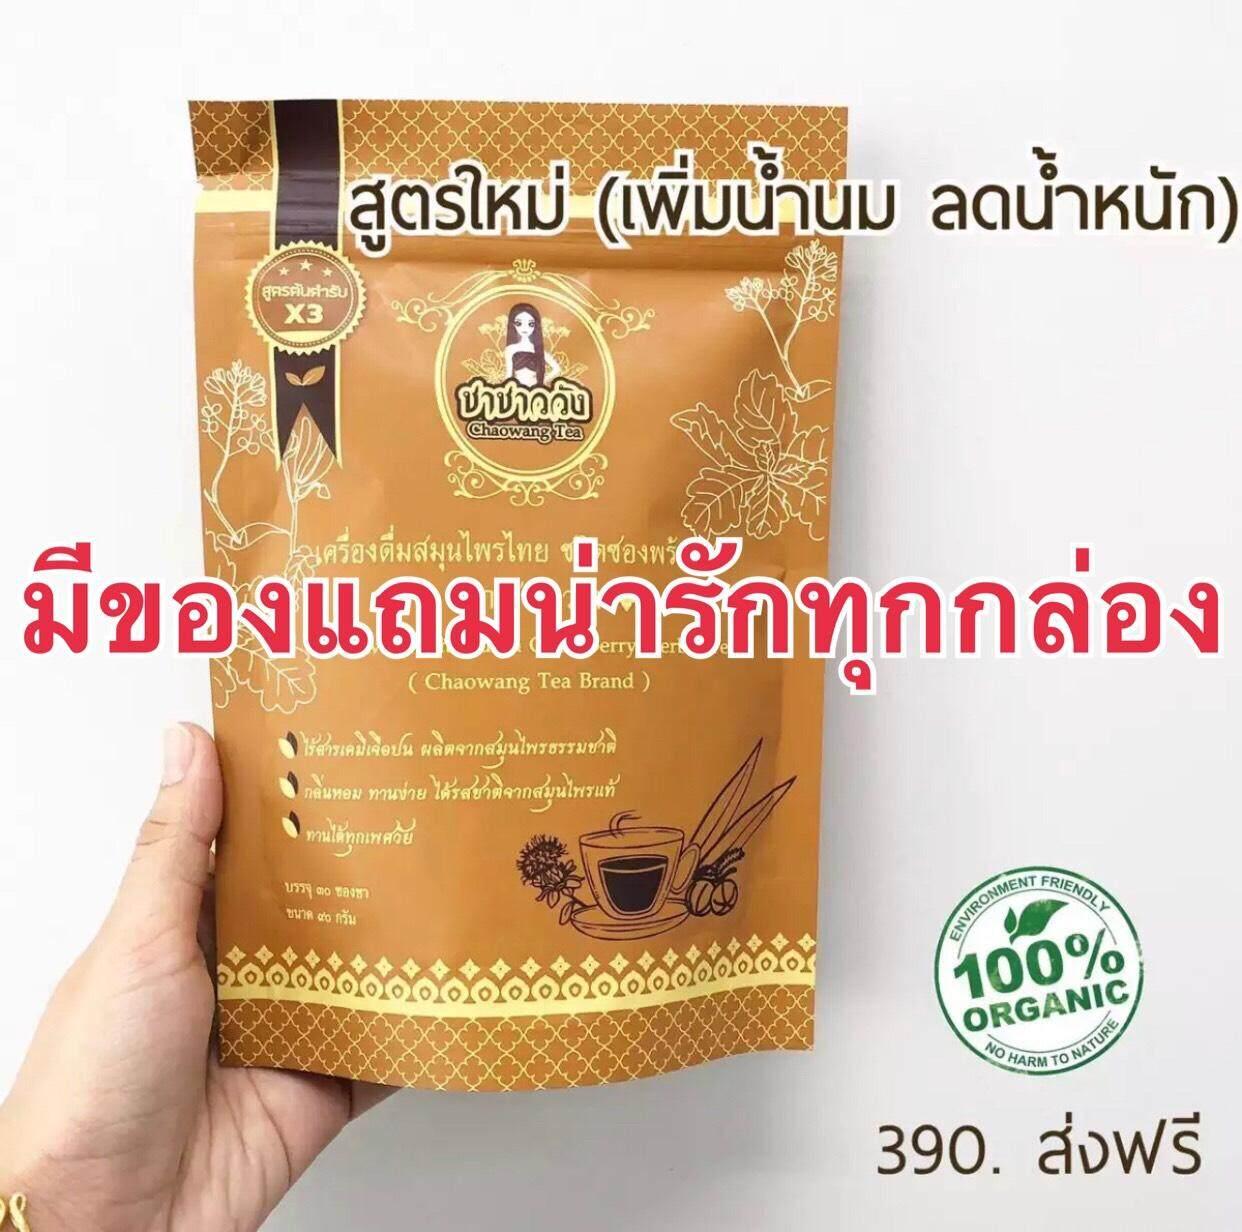 ชาชาววัง สูตรใหม่ เพิ่มน้ำนม ลดน้ำหนัก เซ็ต ทานได้ 30 วัน By ฺbw Shop.